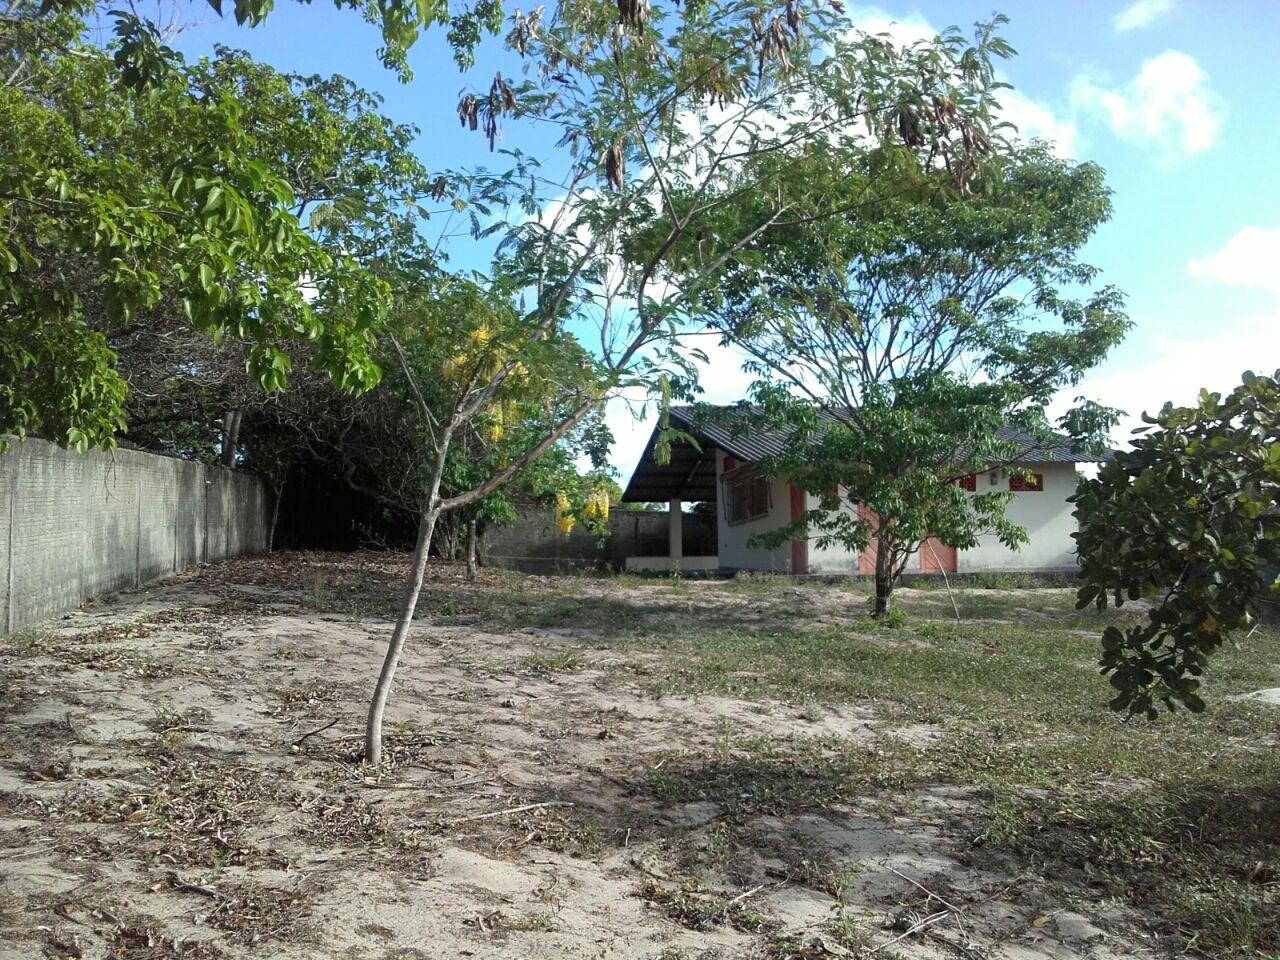 Image Sale house colonia de pium , Rio Grande do Norte Brasil 3